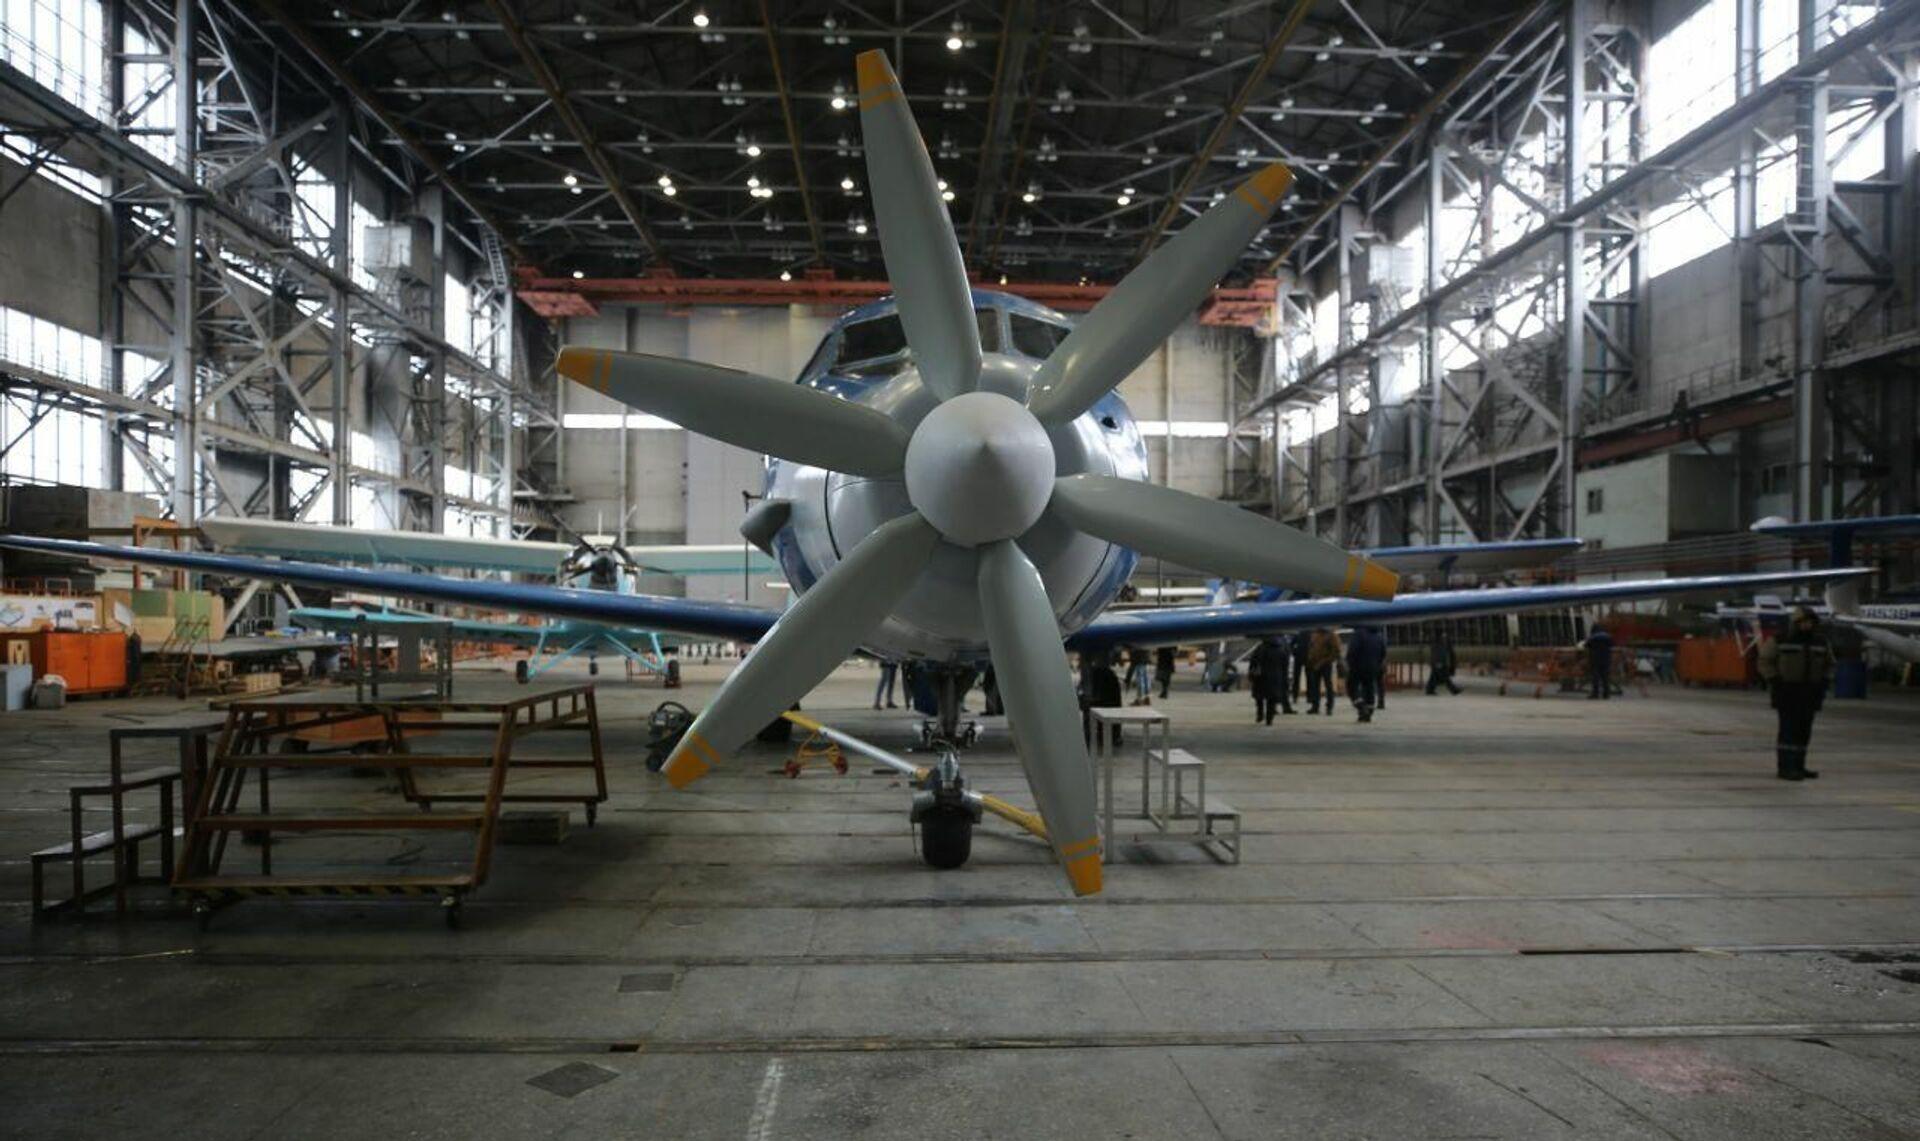 Sản xuất tại Nga: động cơ điện thiết kế dành riêng cho máy bay đầu tiên trên thế giới - Sputnik Việt Nam, 1920, 31.07.2021